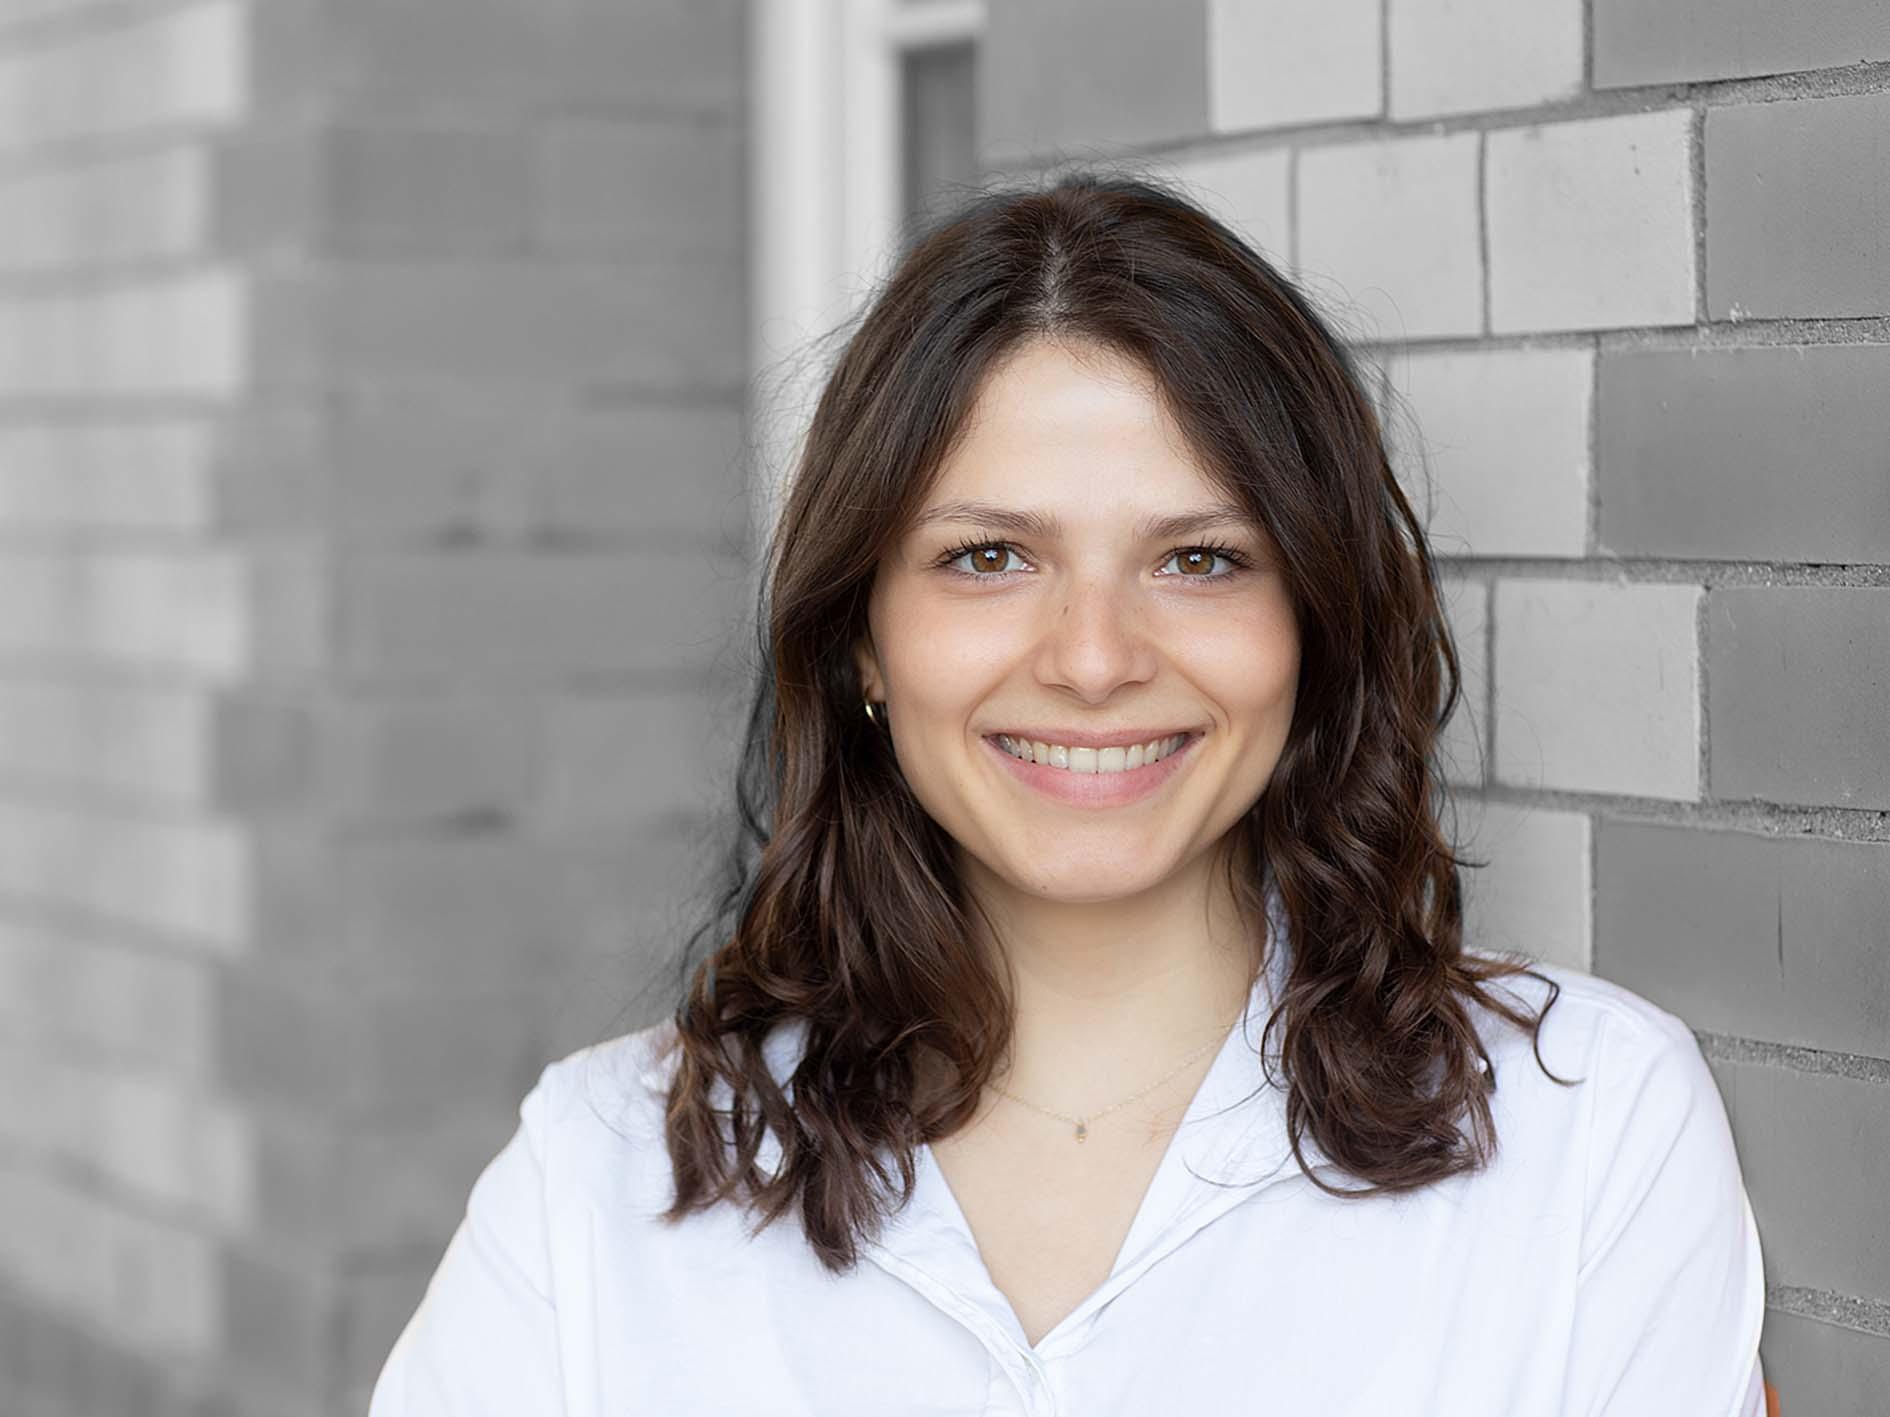 Elisabeth Kister